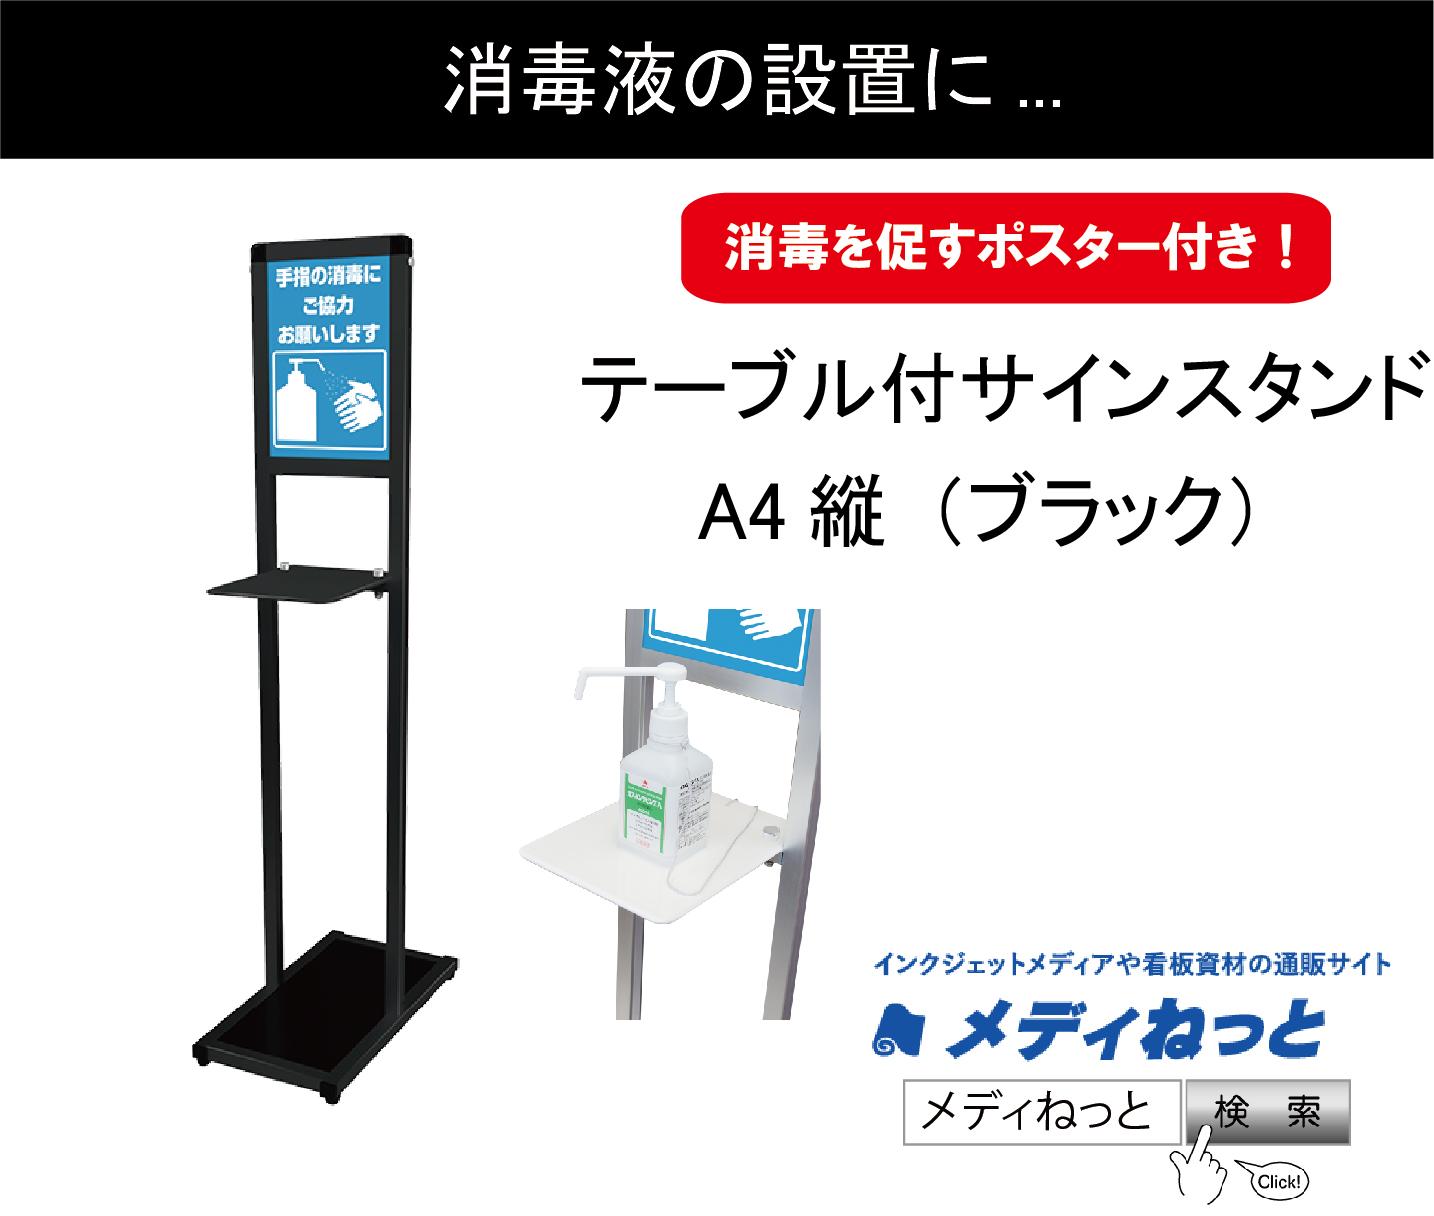 【アルコール消毒用スタンド】テーブル付サインスタンド A4縦(ブラック)